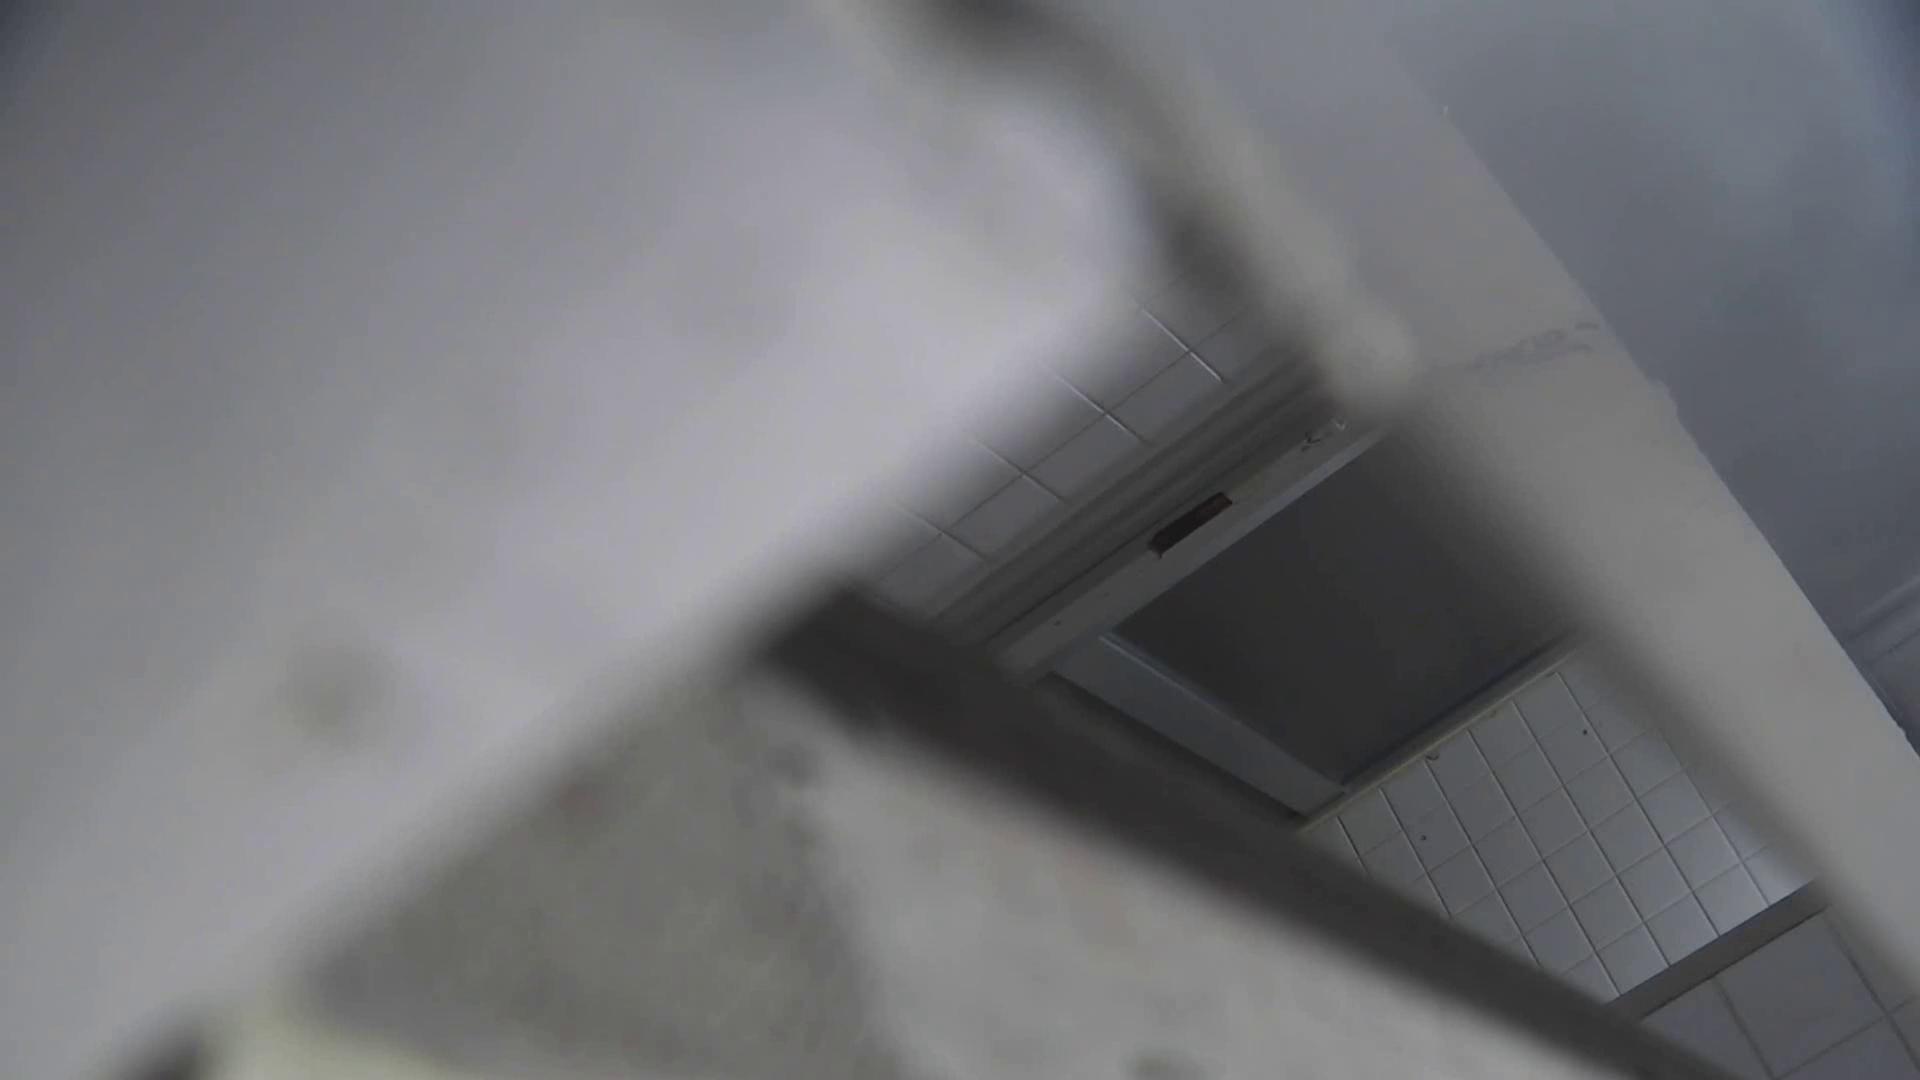 【美しき個室な世界】 vol.018 ピンクのおネエタン 洗面所  82pic 29